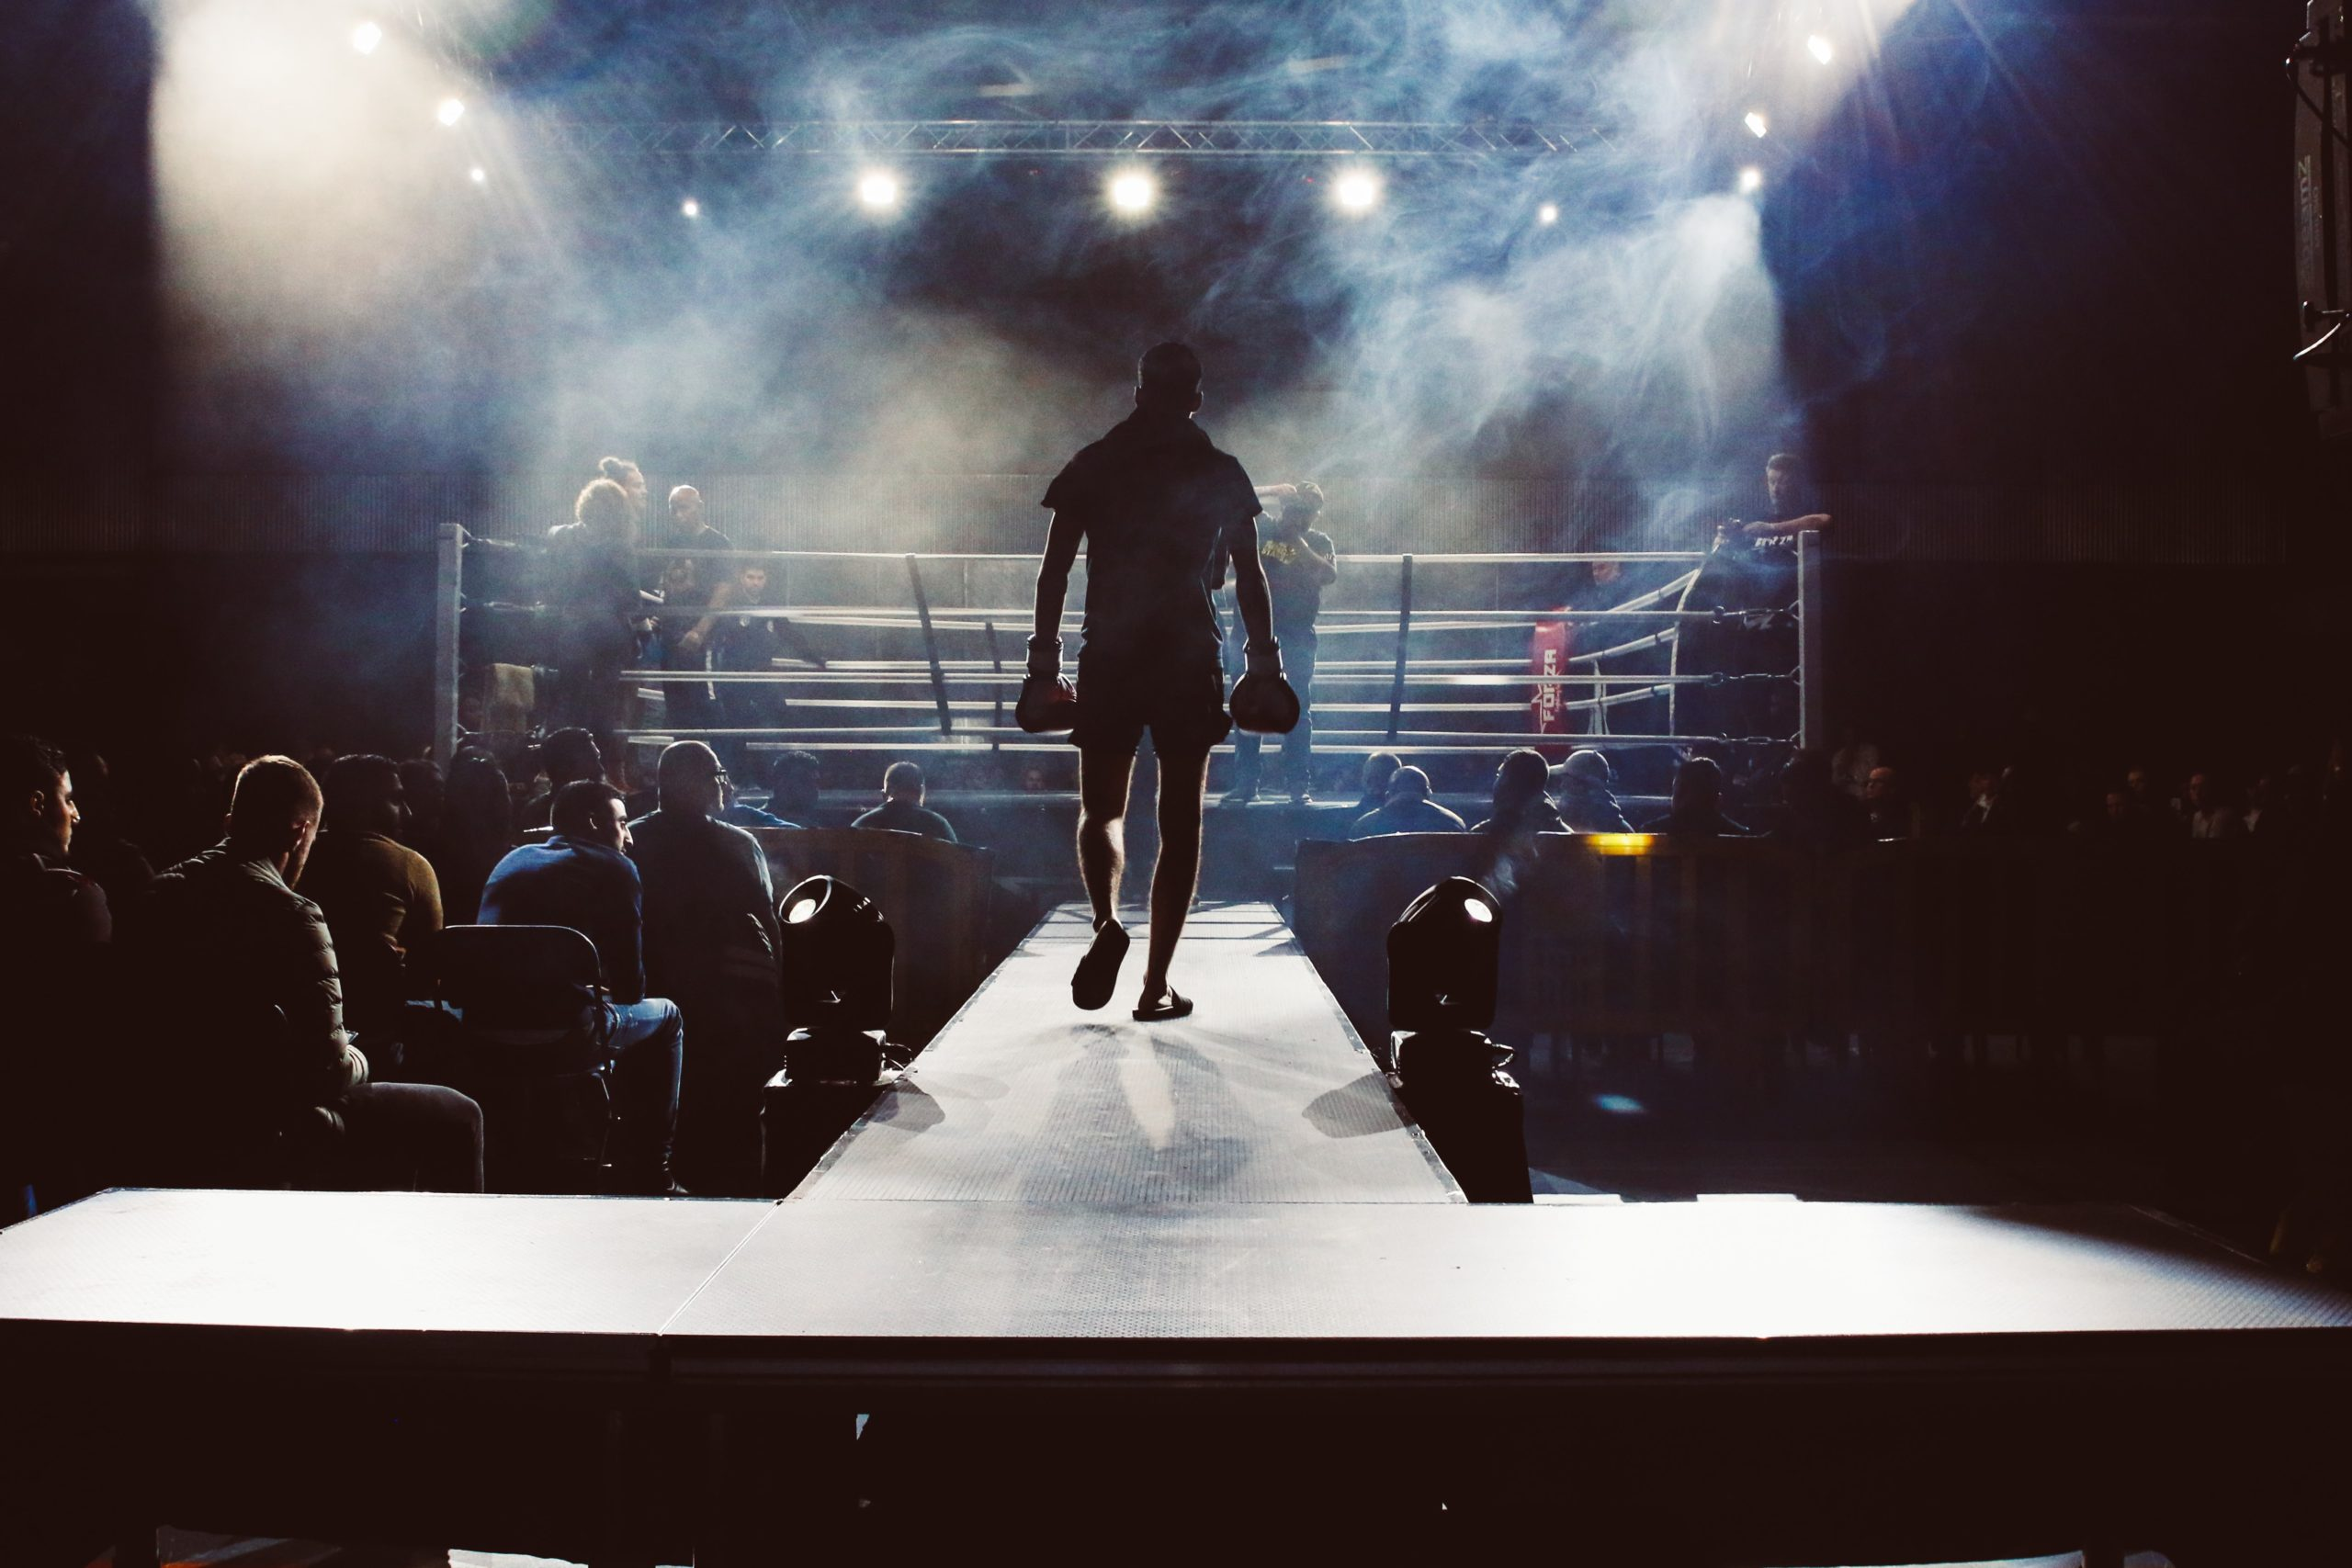 【楽天経済圏徹底攻略】実績公開します。ふるさと納税 × 楽天市場 × 楽天お買い物マラソン お得です。